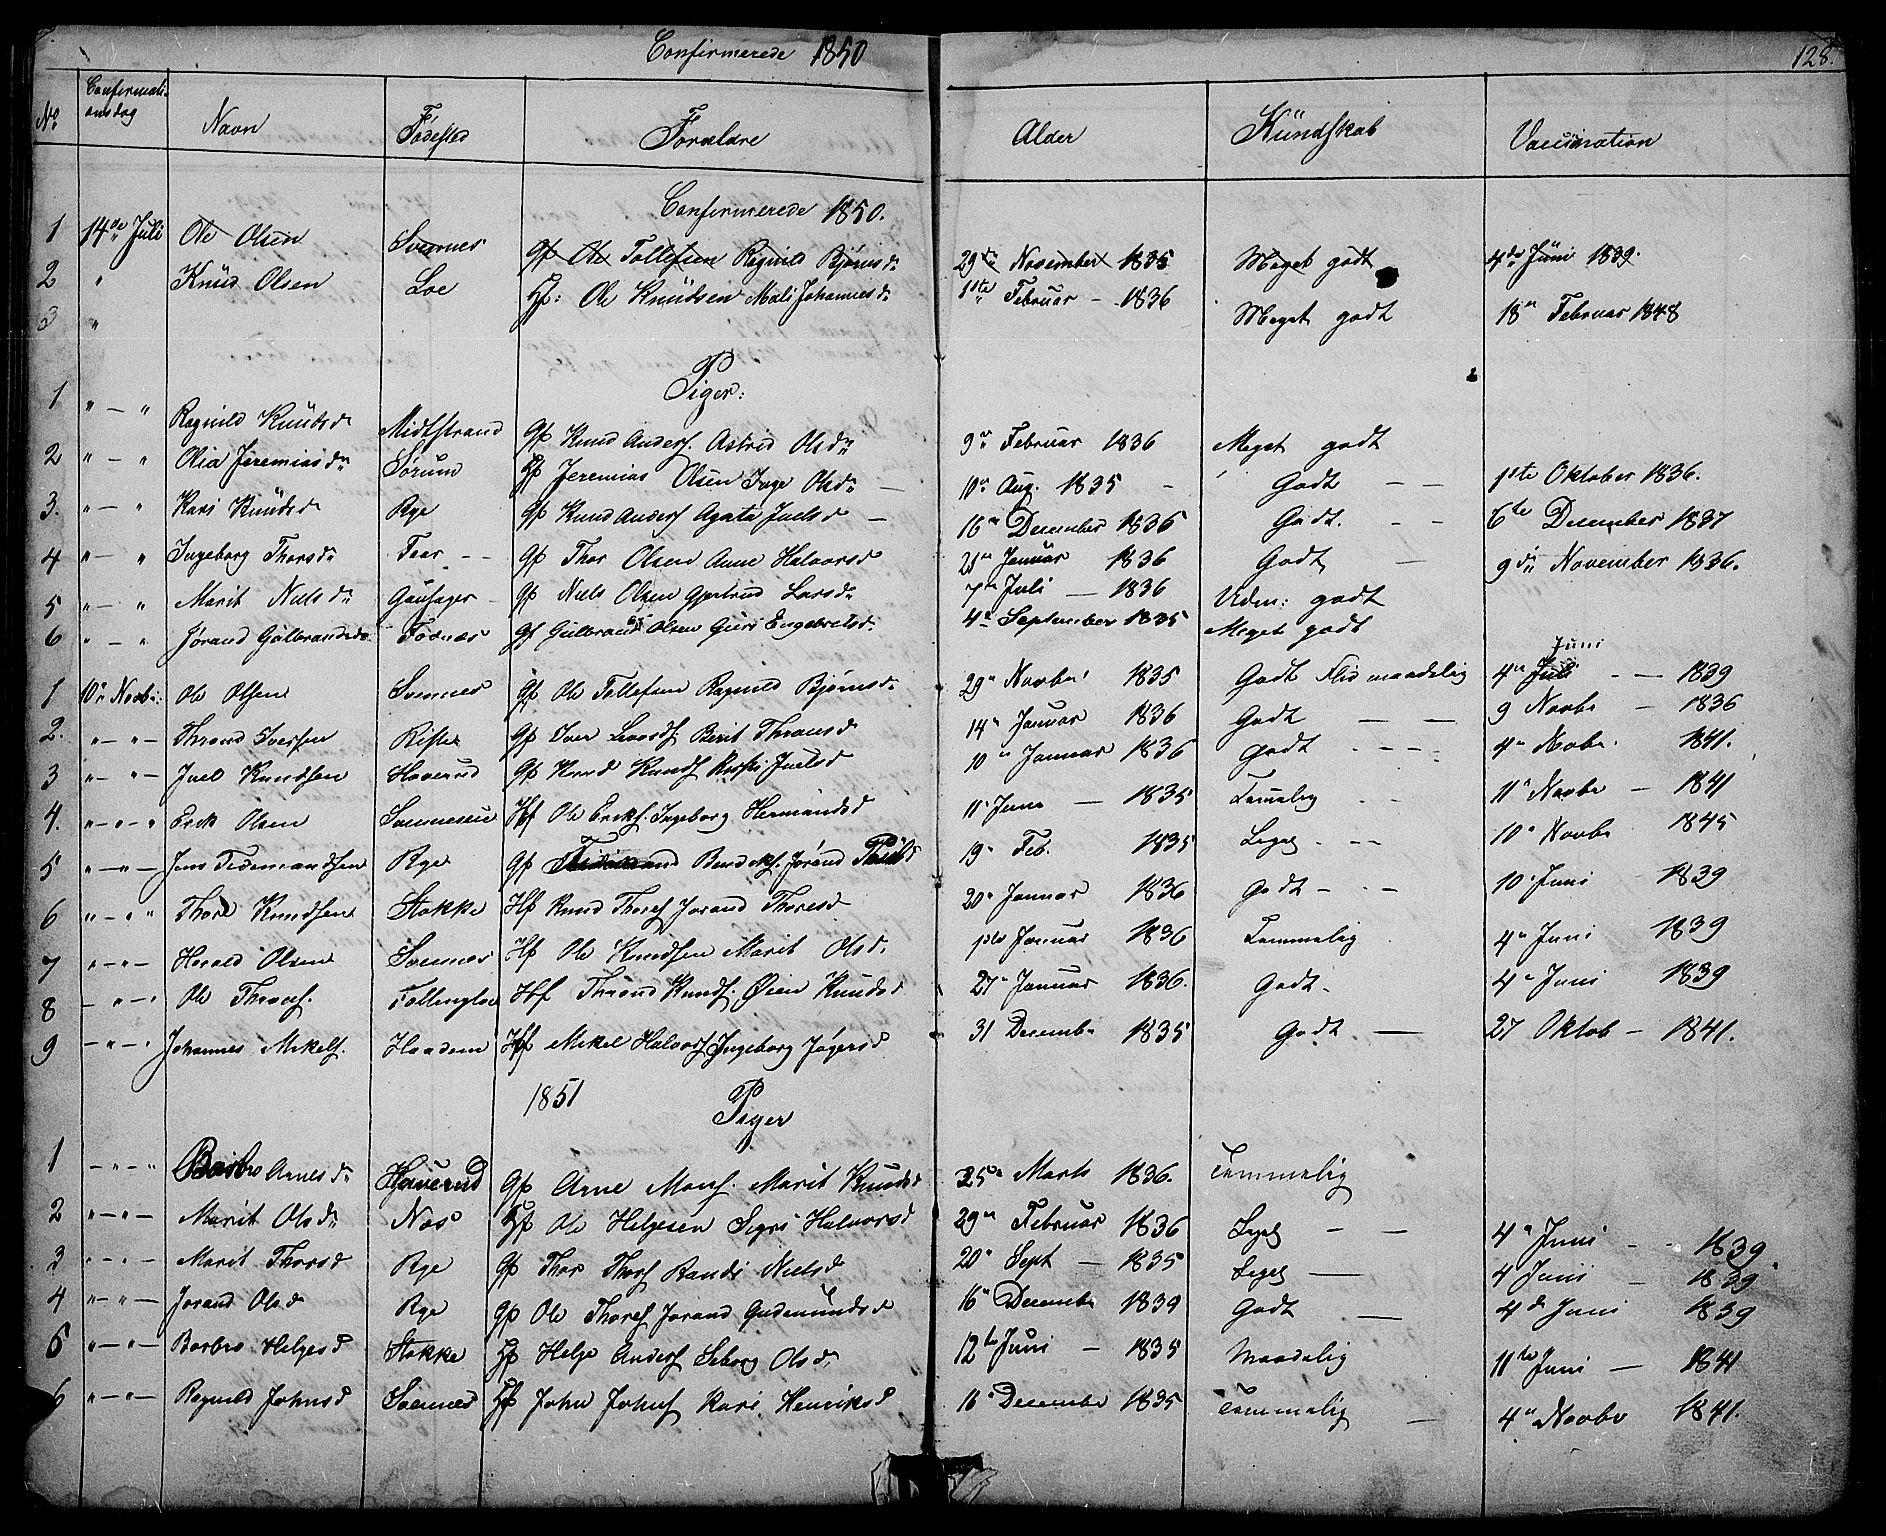 SAH, Nord-Aurdal prestekontor, Klokkerbok nr. 3, 1842-1882, s. 128